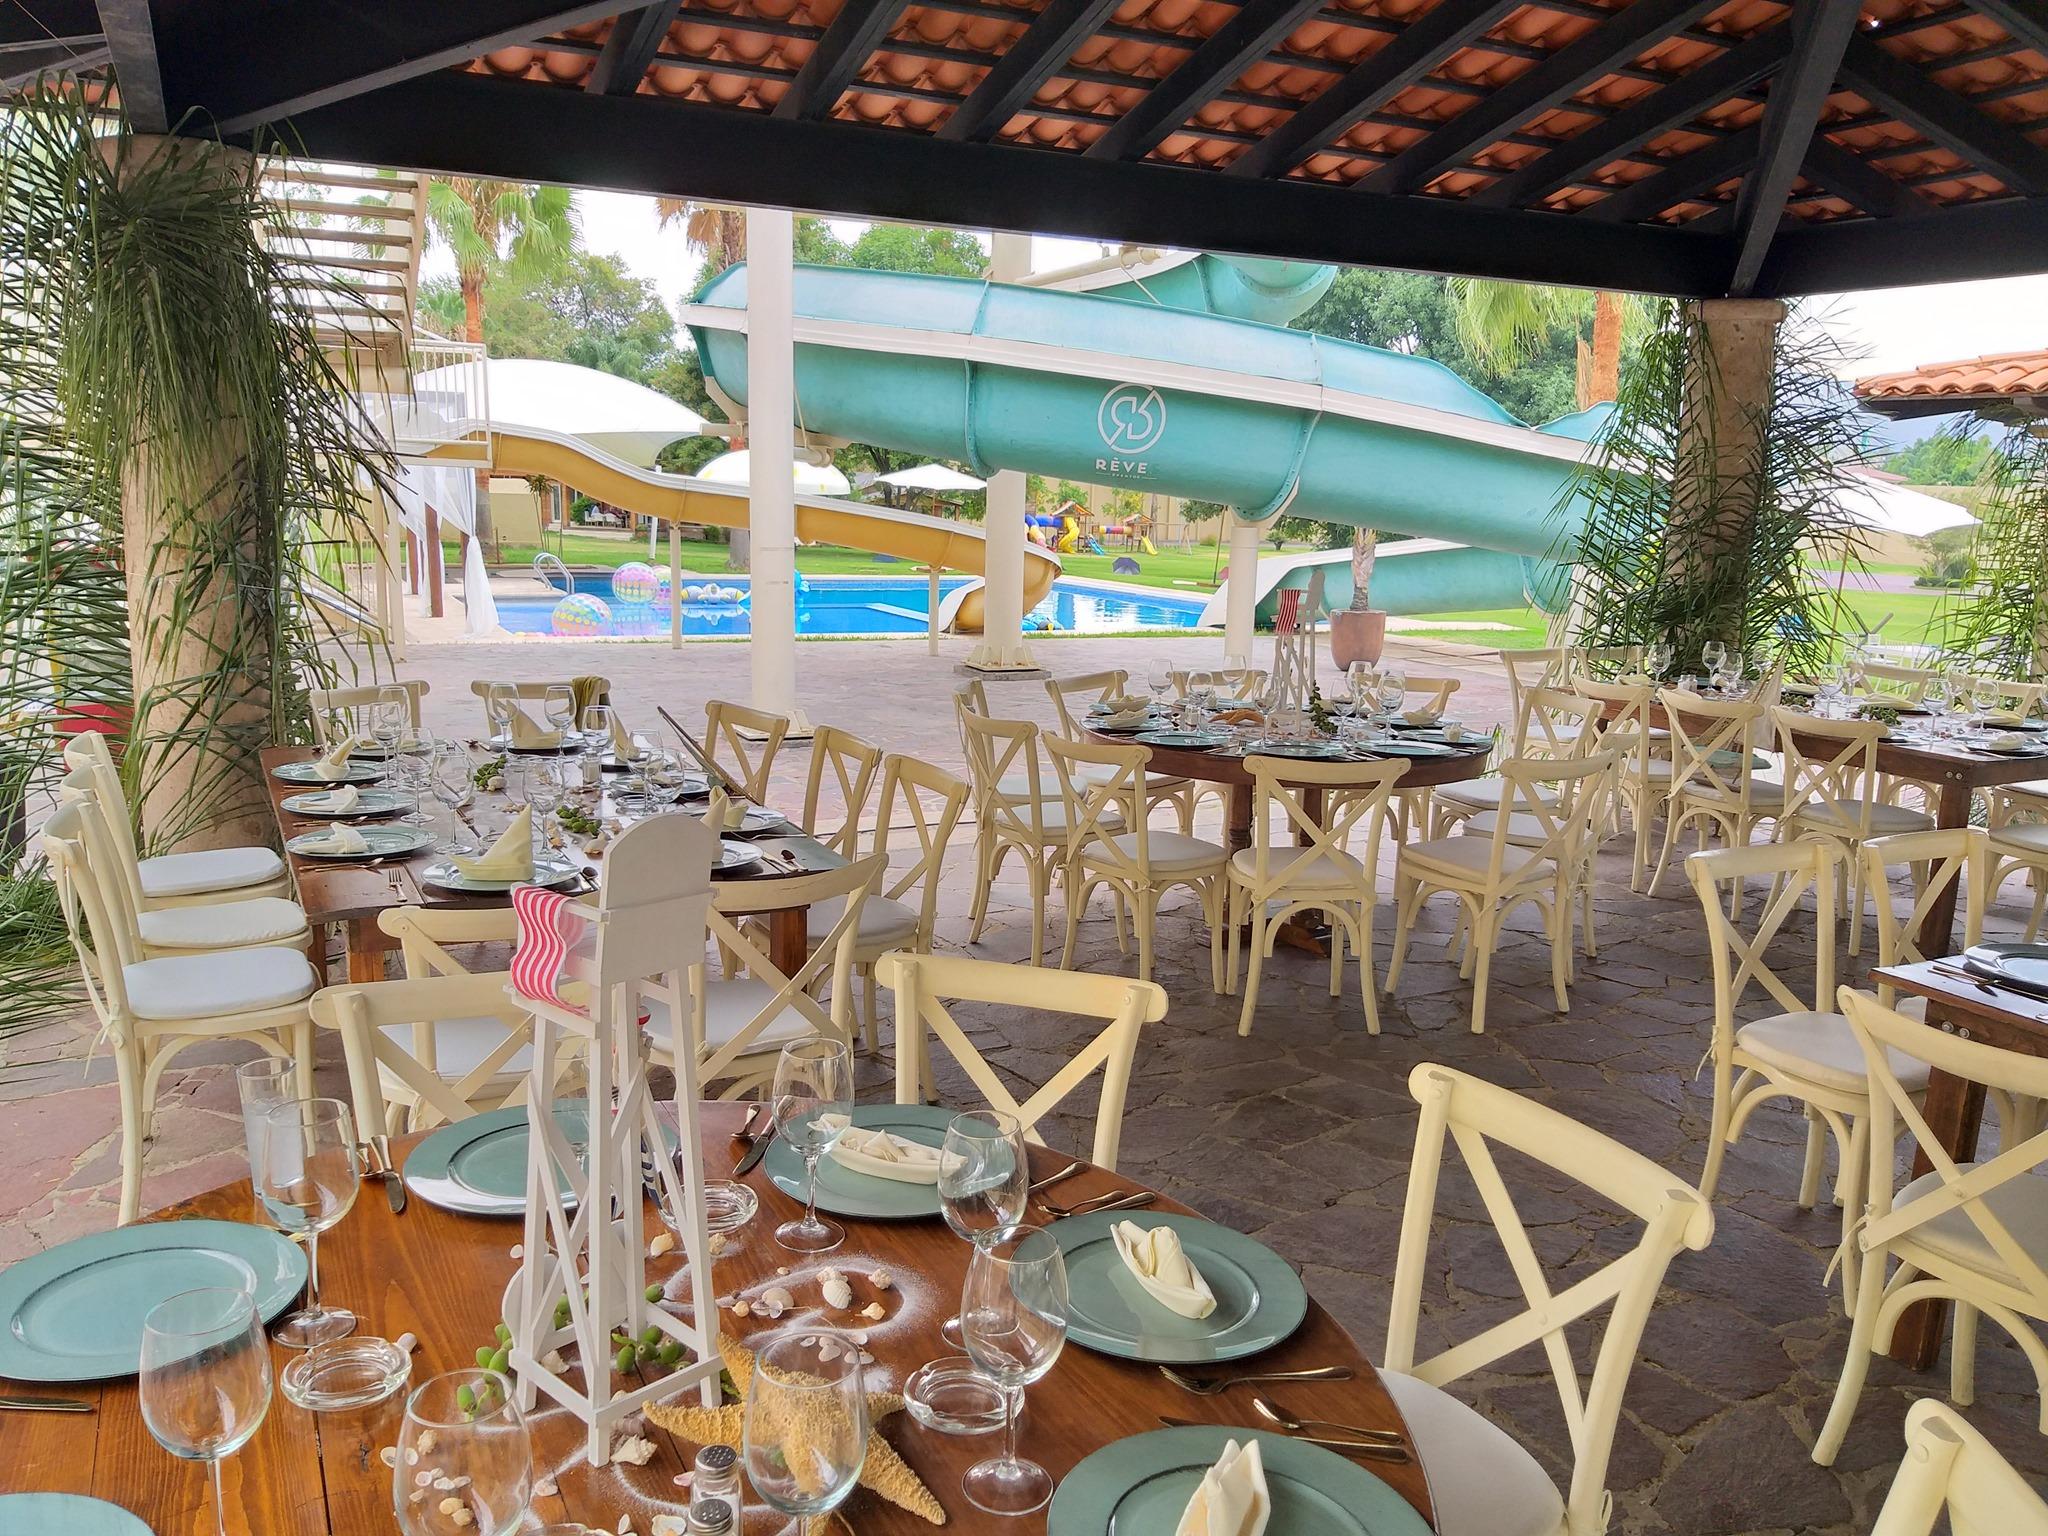 Imagen 1 del espacio Hacienda Nogal en Tlajomulco, México